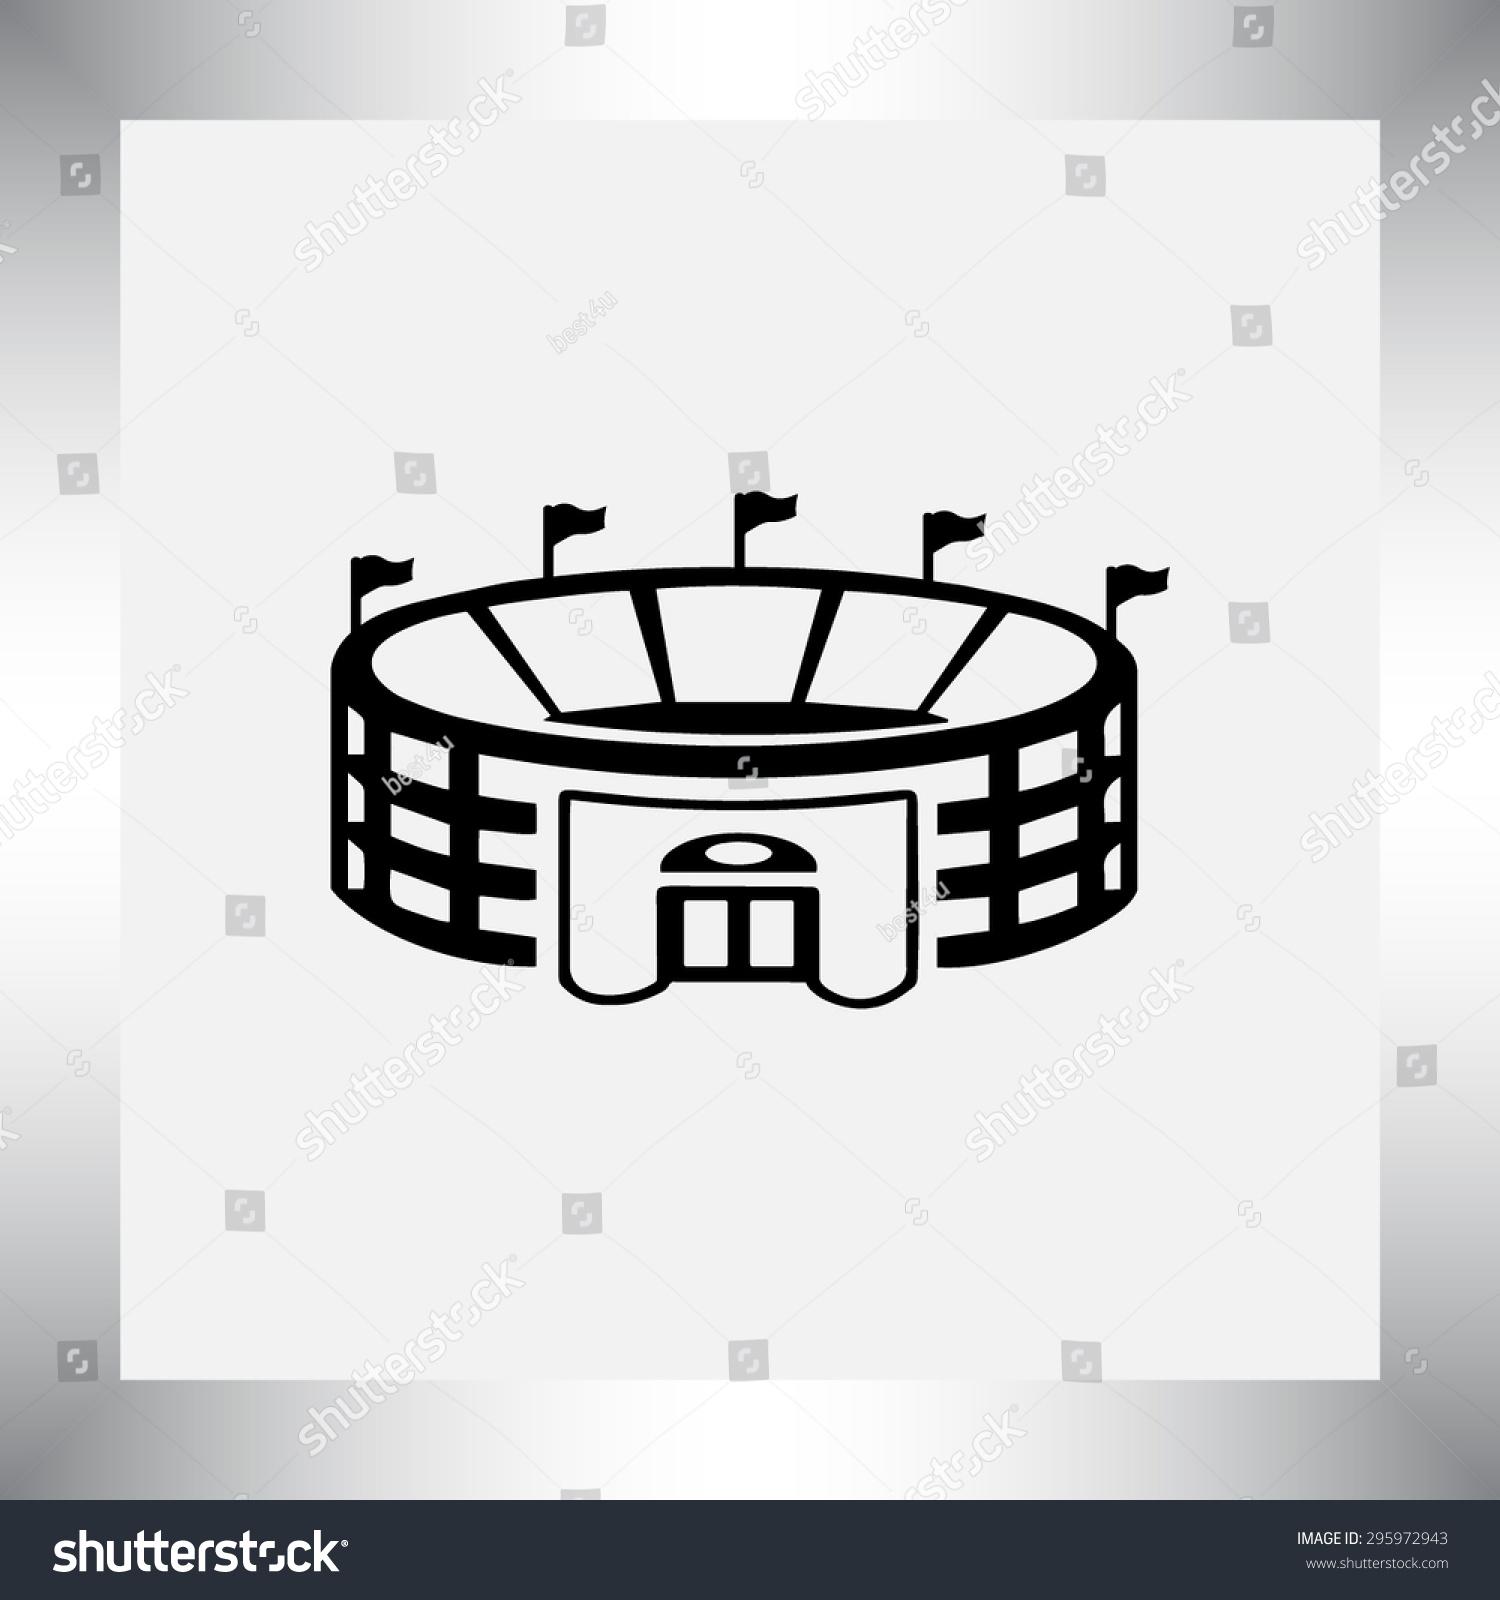 体育场标志图标,矢量图